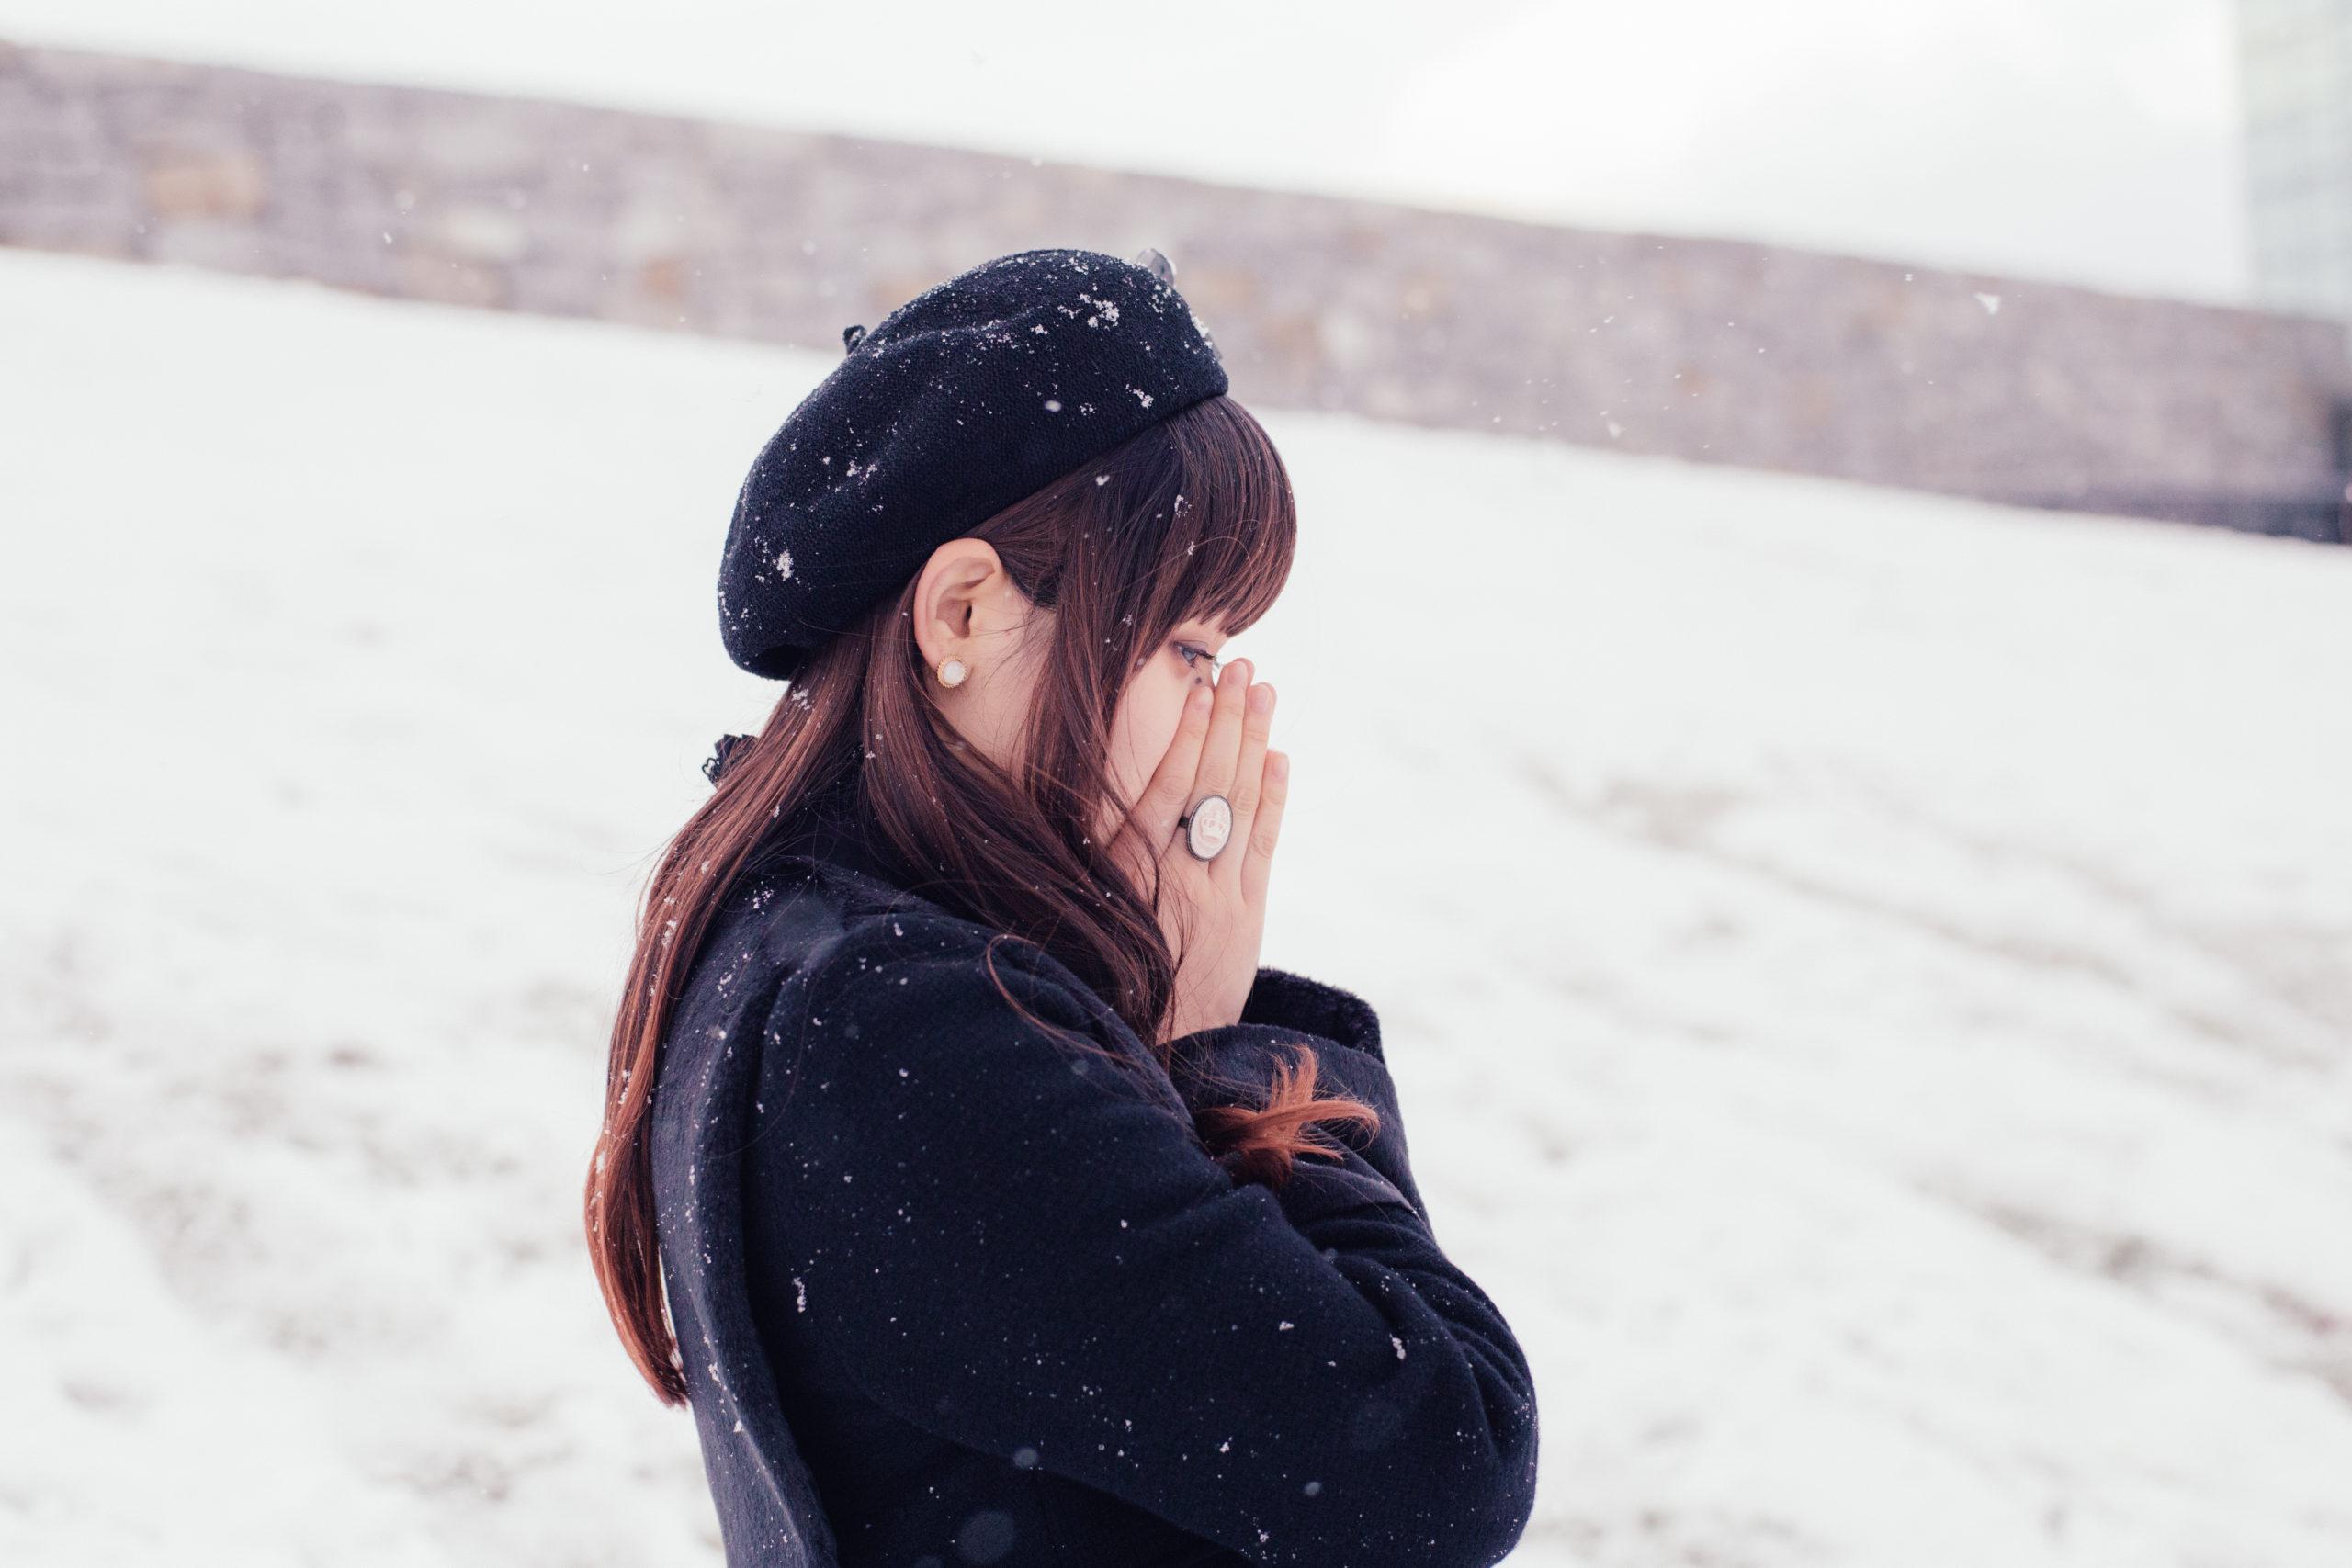 冬 女性 ポートレート 画像